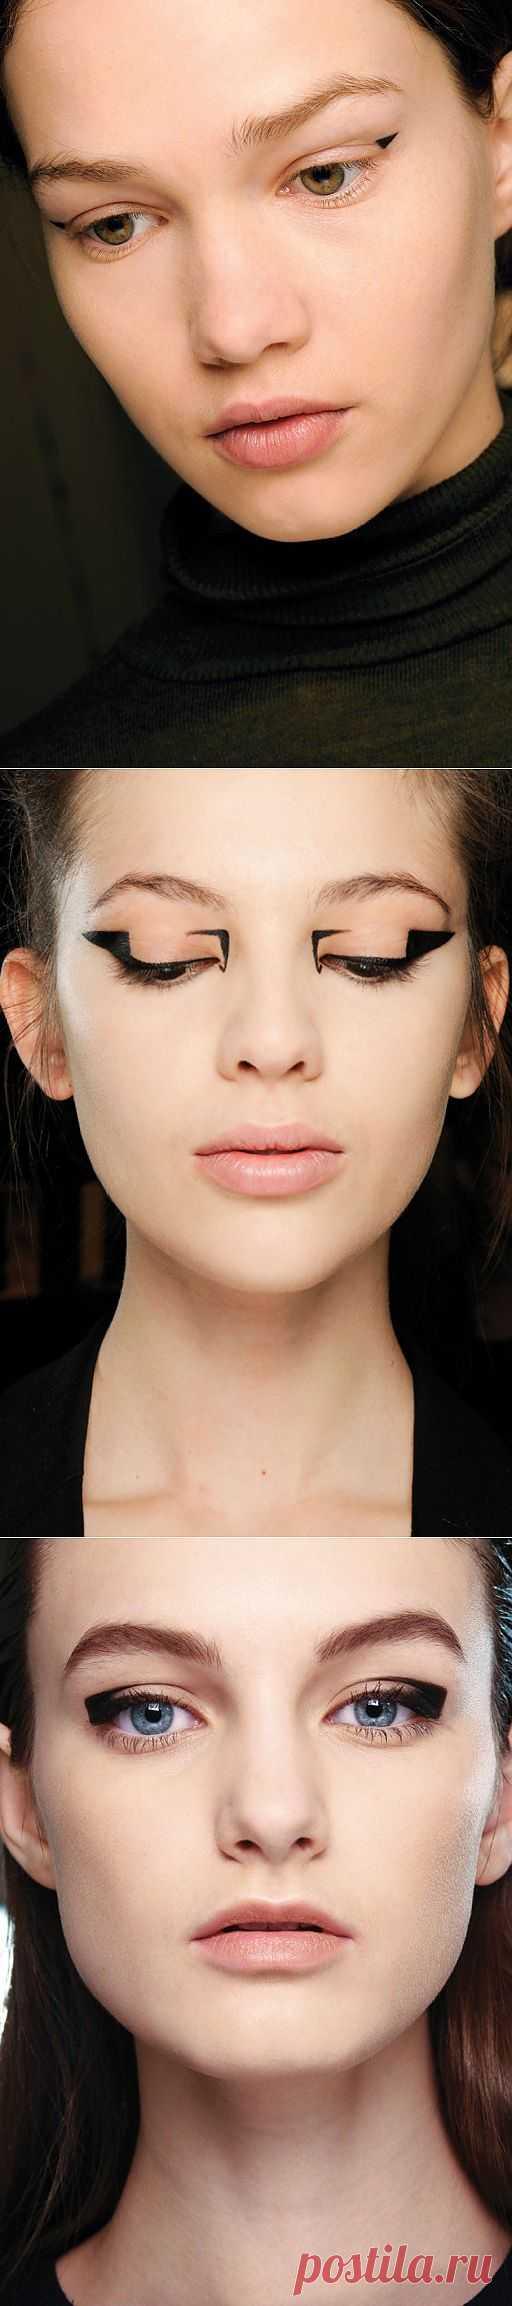 Графичные стрелки на глазах (подборка) / Макияж/Маникюр / Модный сайт о стильной переделке одежды и интерьера